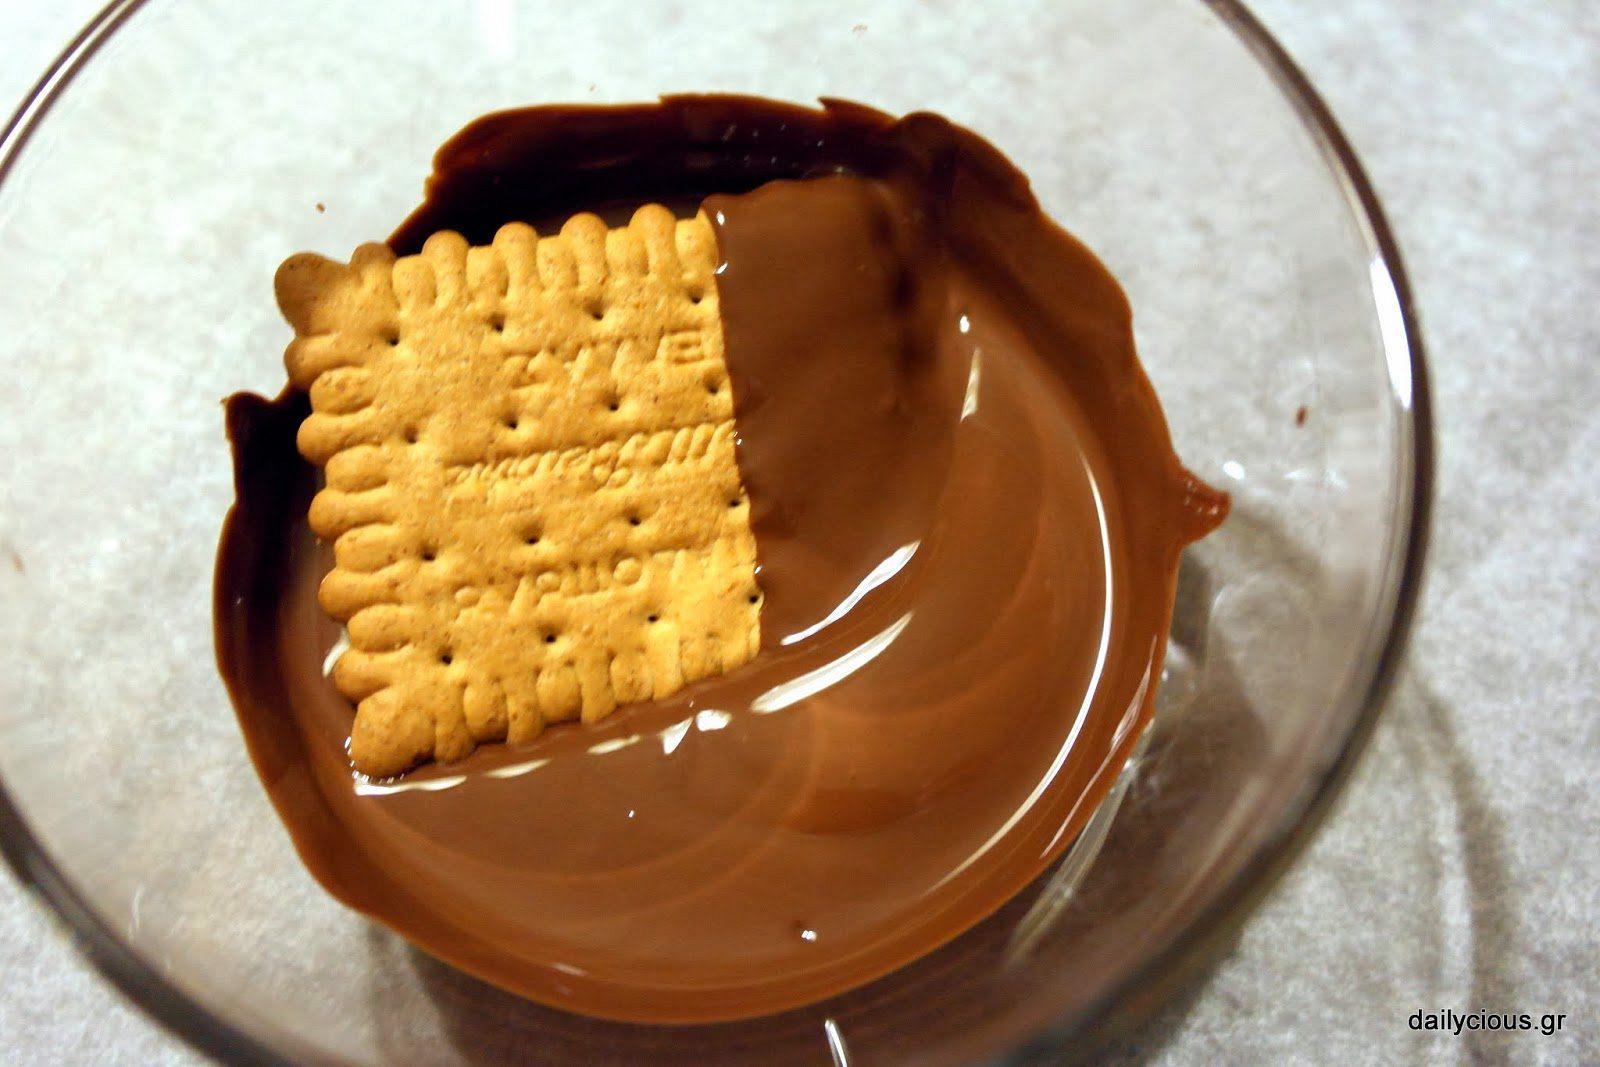 Το μπισκότο στην σοκολάτα.